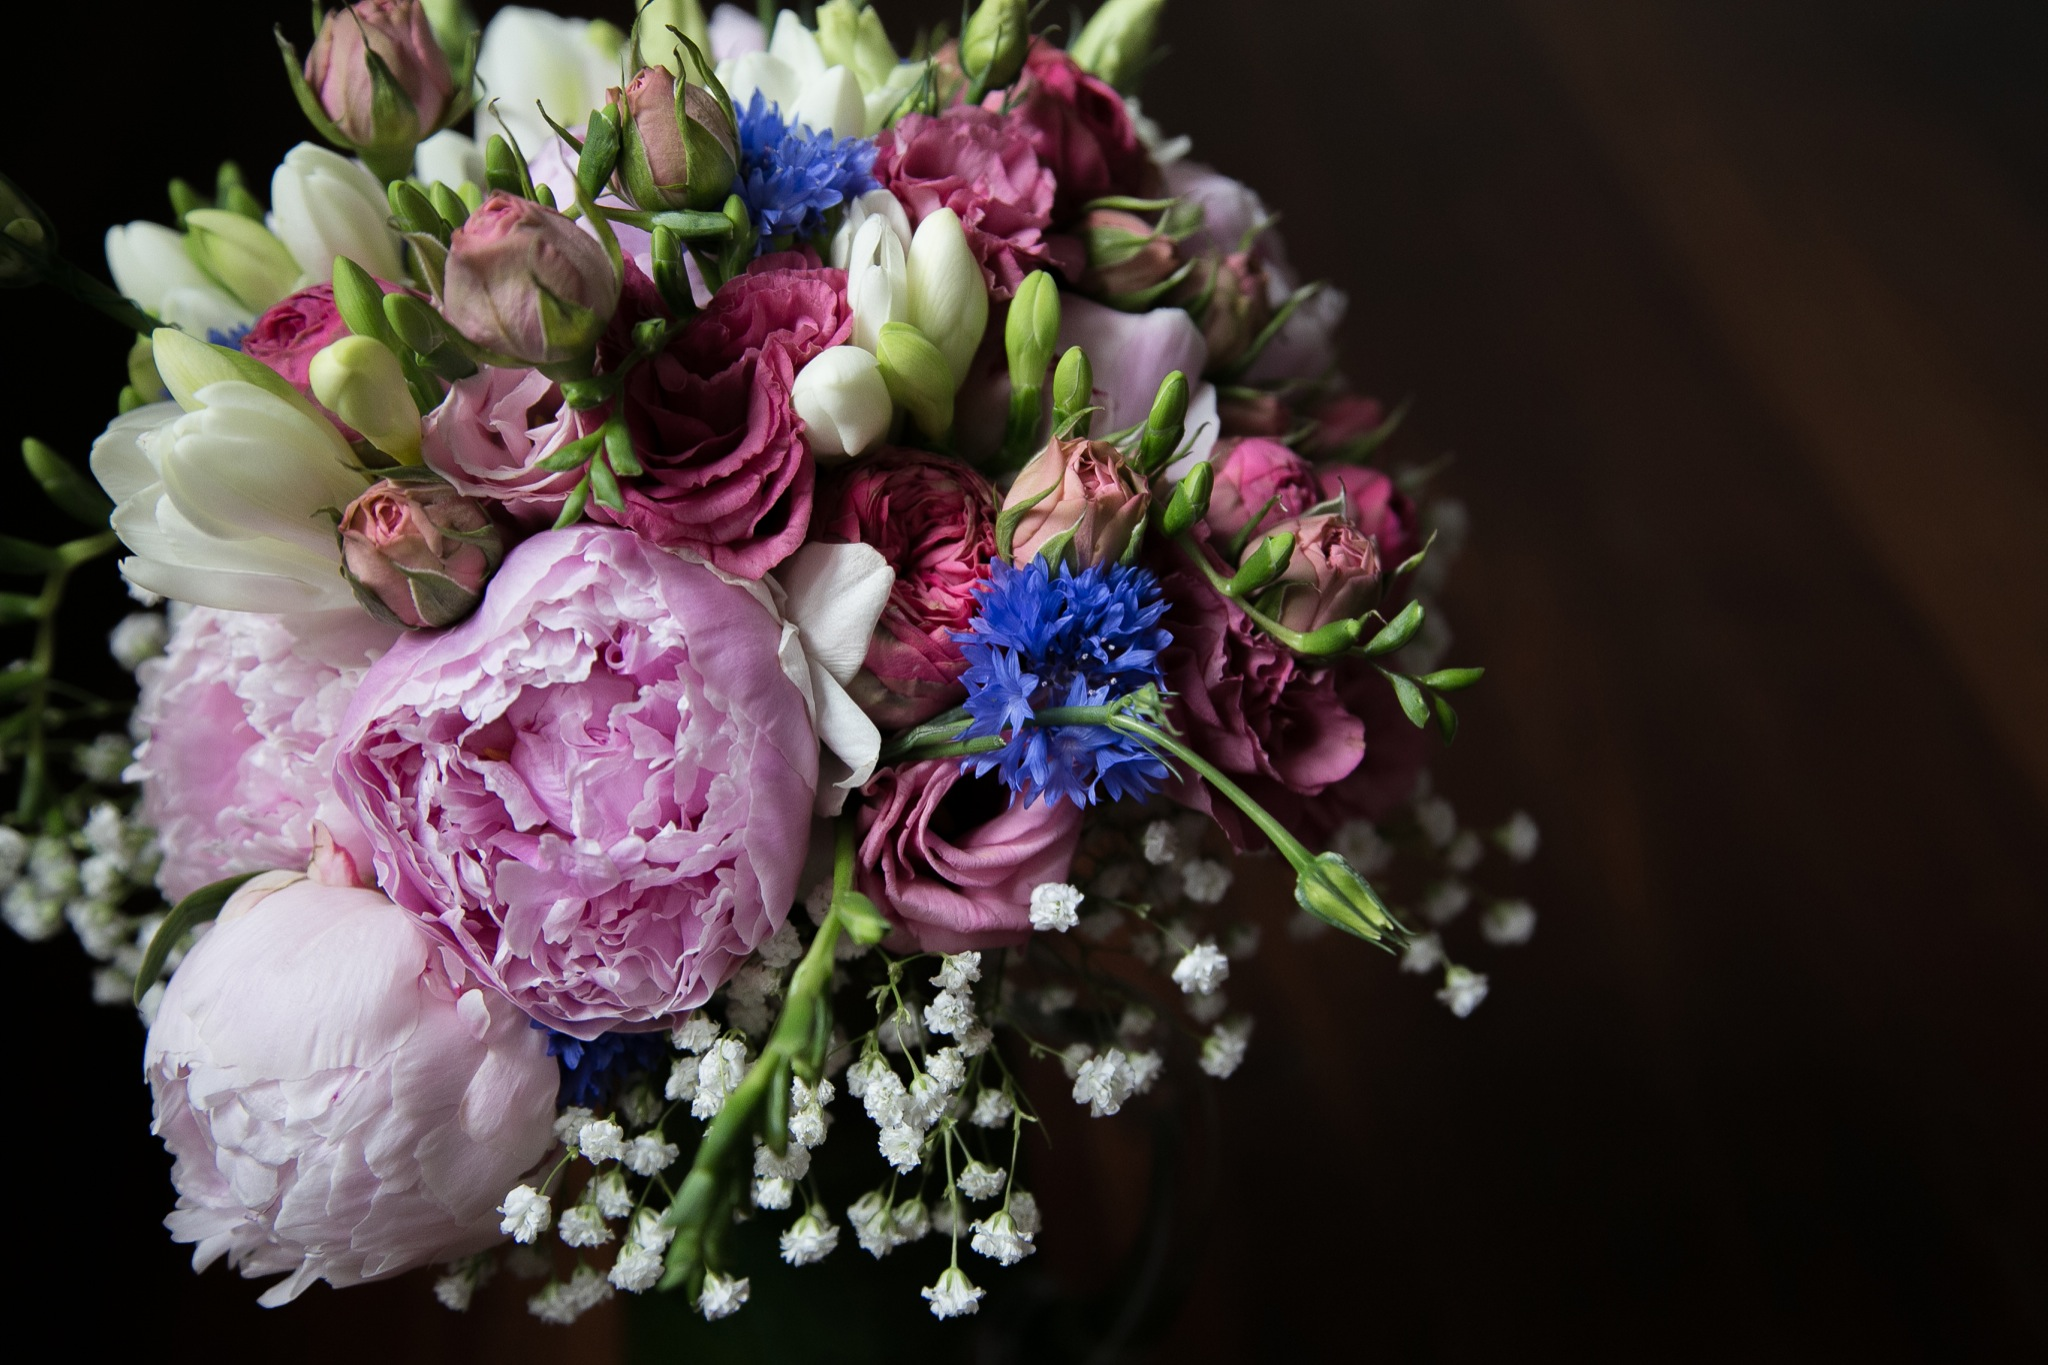 sarahs-flowers-5.jpg